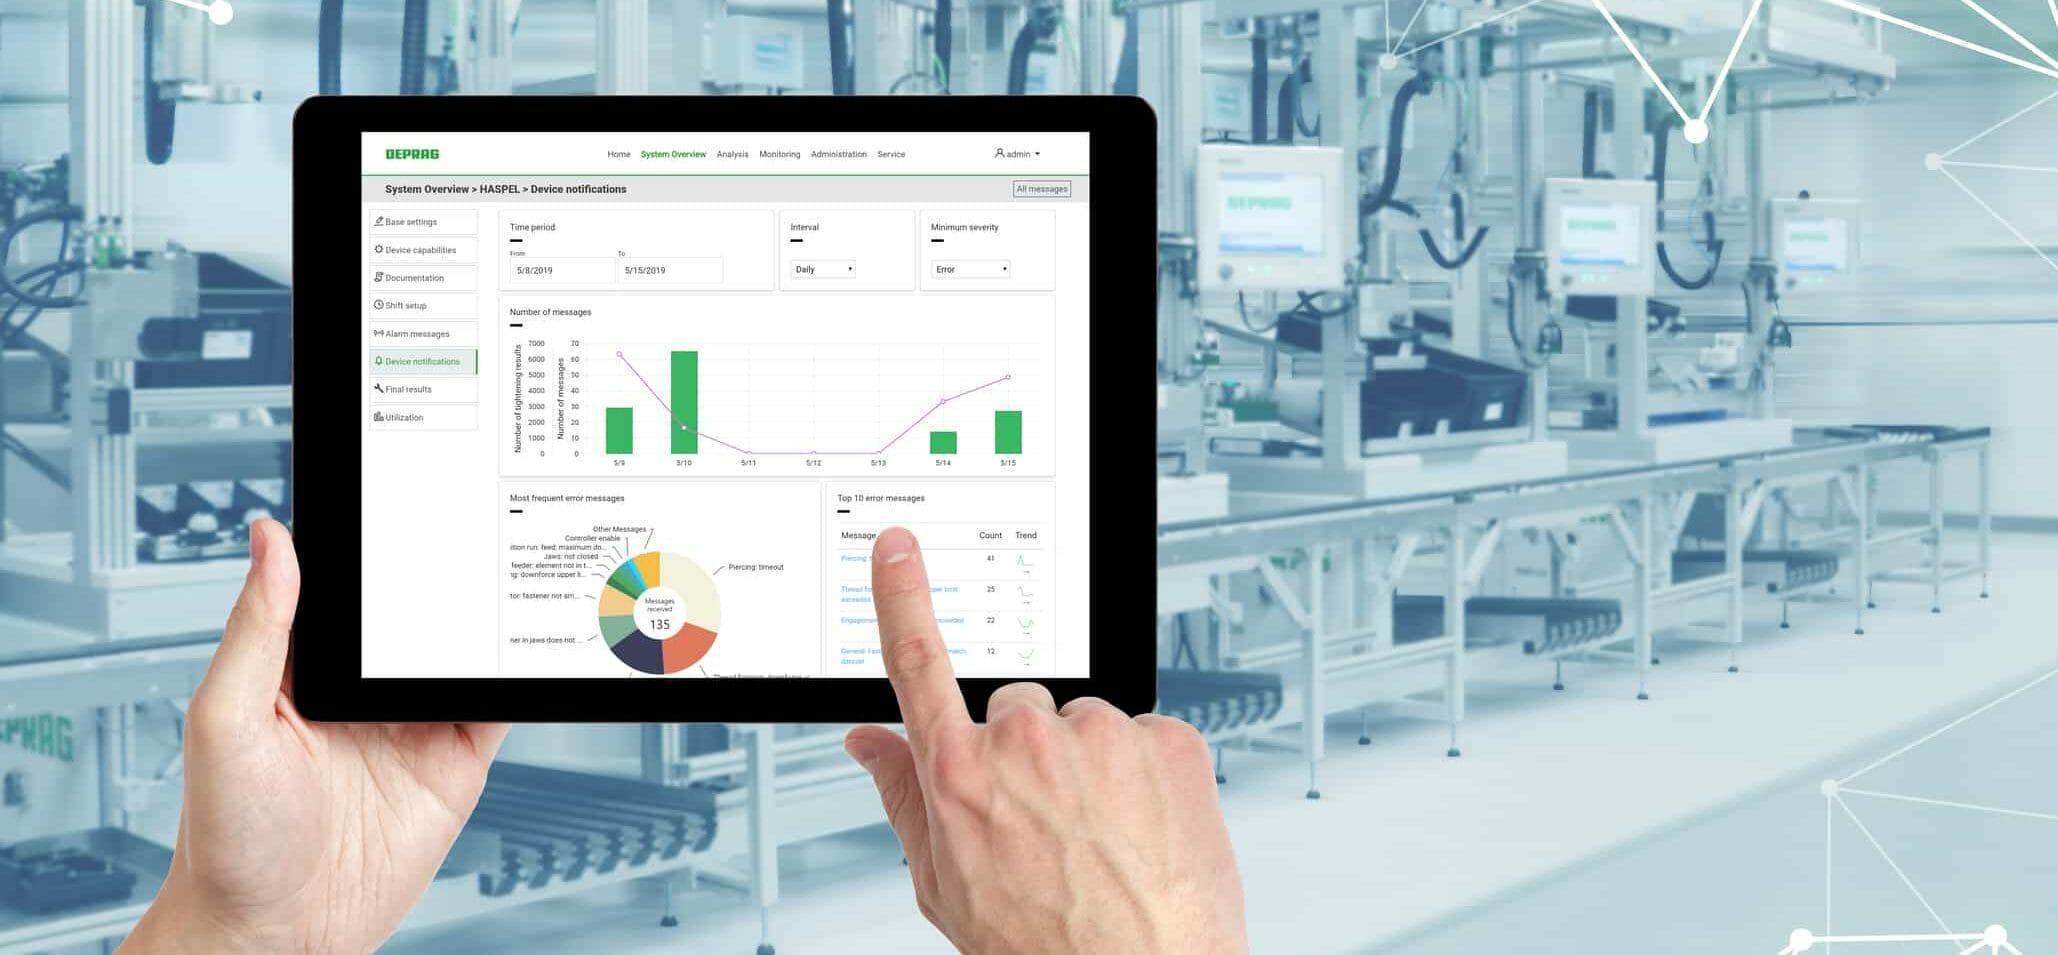 Montagetechnik: Deprag sorgt zur Motek 2019 für mehr Datentransparenz bei Schraubsystemen